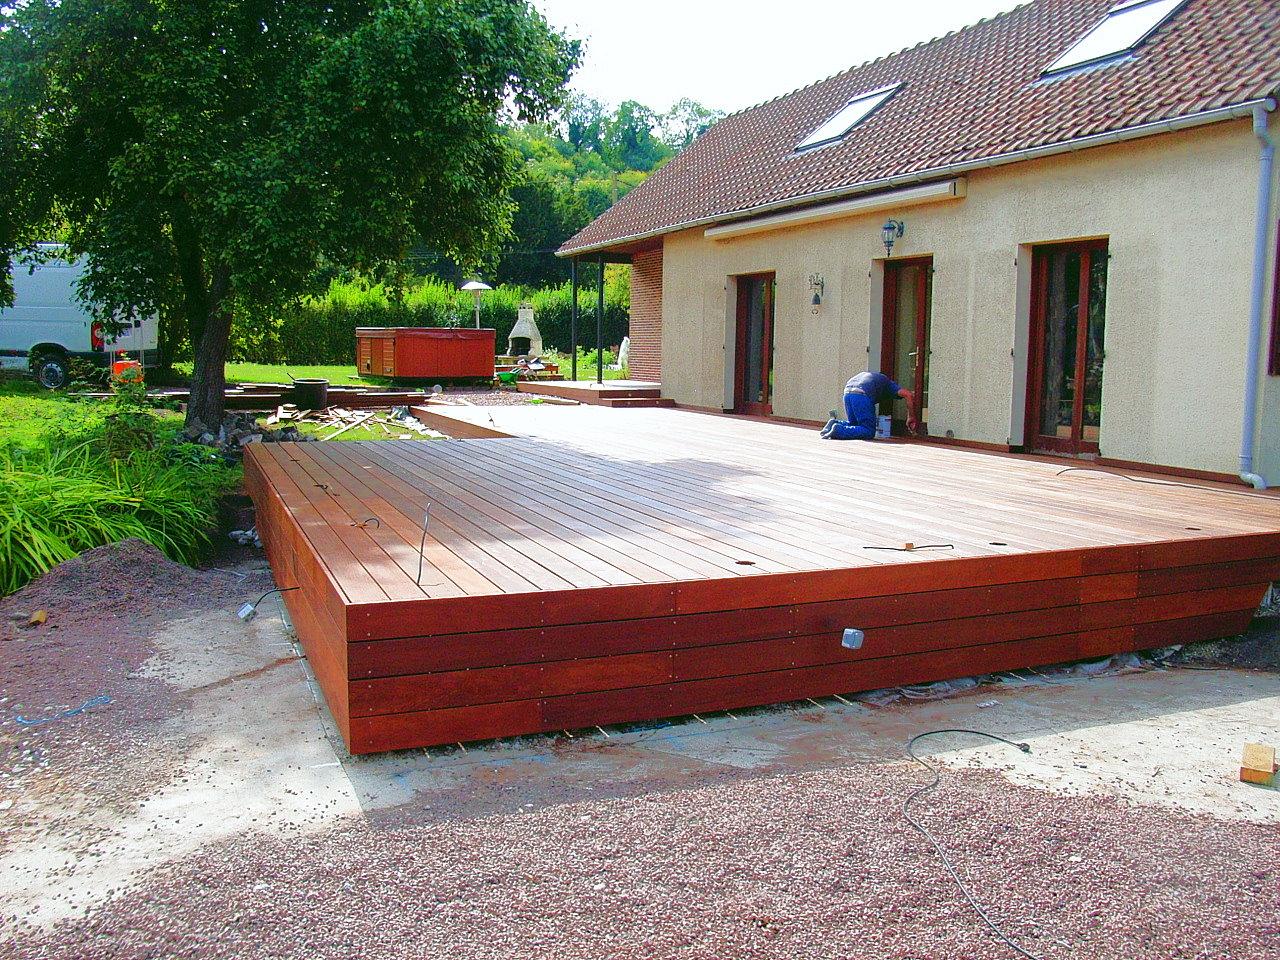 Construire Une Terrasse En Bois Dans Son Jardin -  de l'environnement L'entretien de votre terrasse est donc